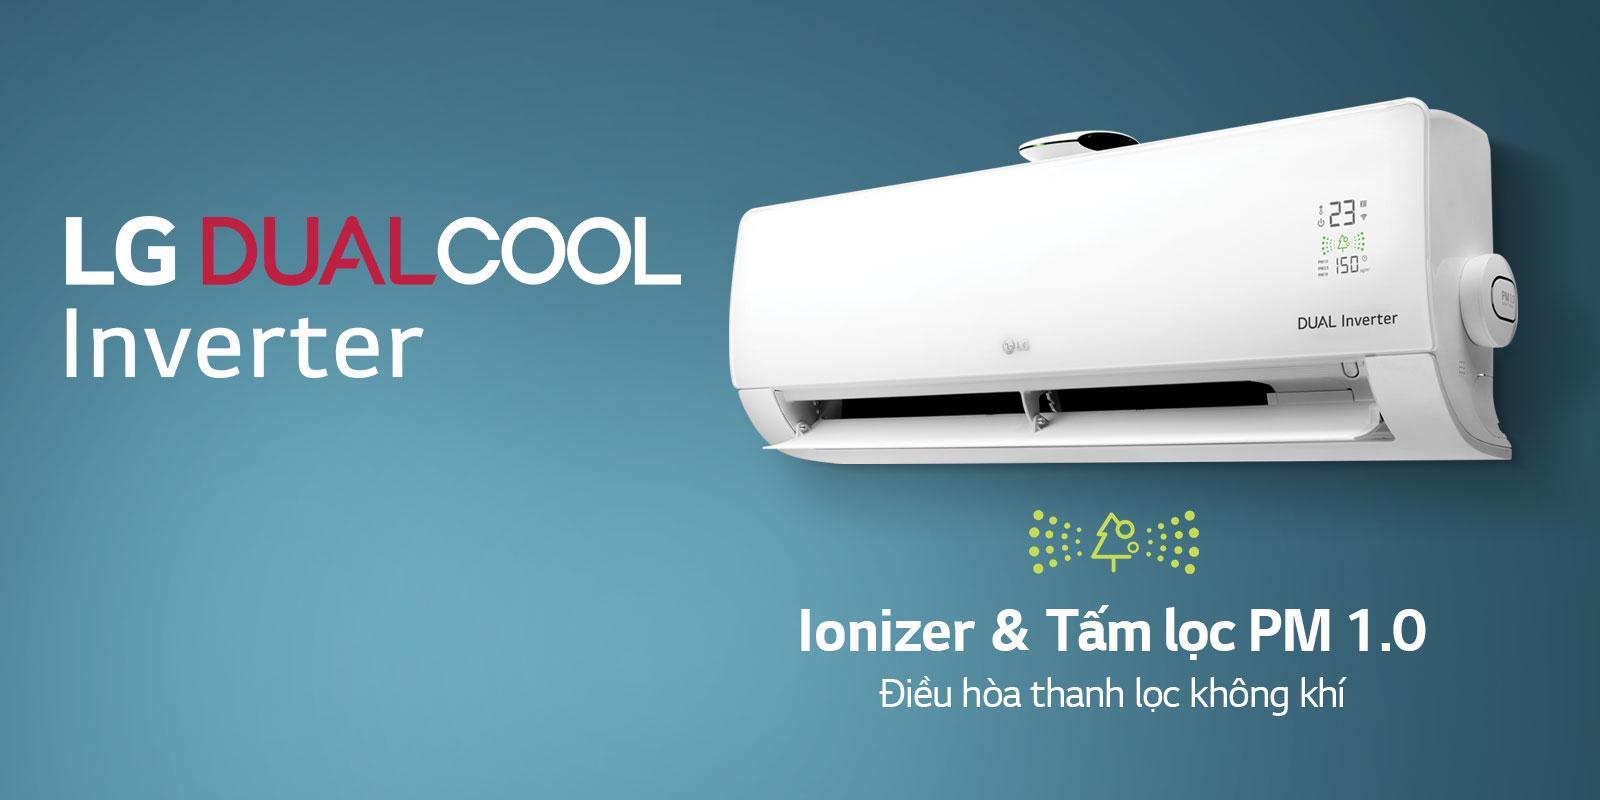 Điều hòa LG Inverter 2 chiều B10APF sử dụng công nghệ Dual Cool Inverter